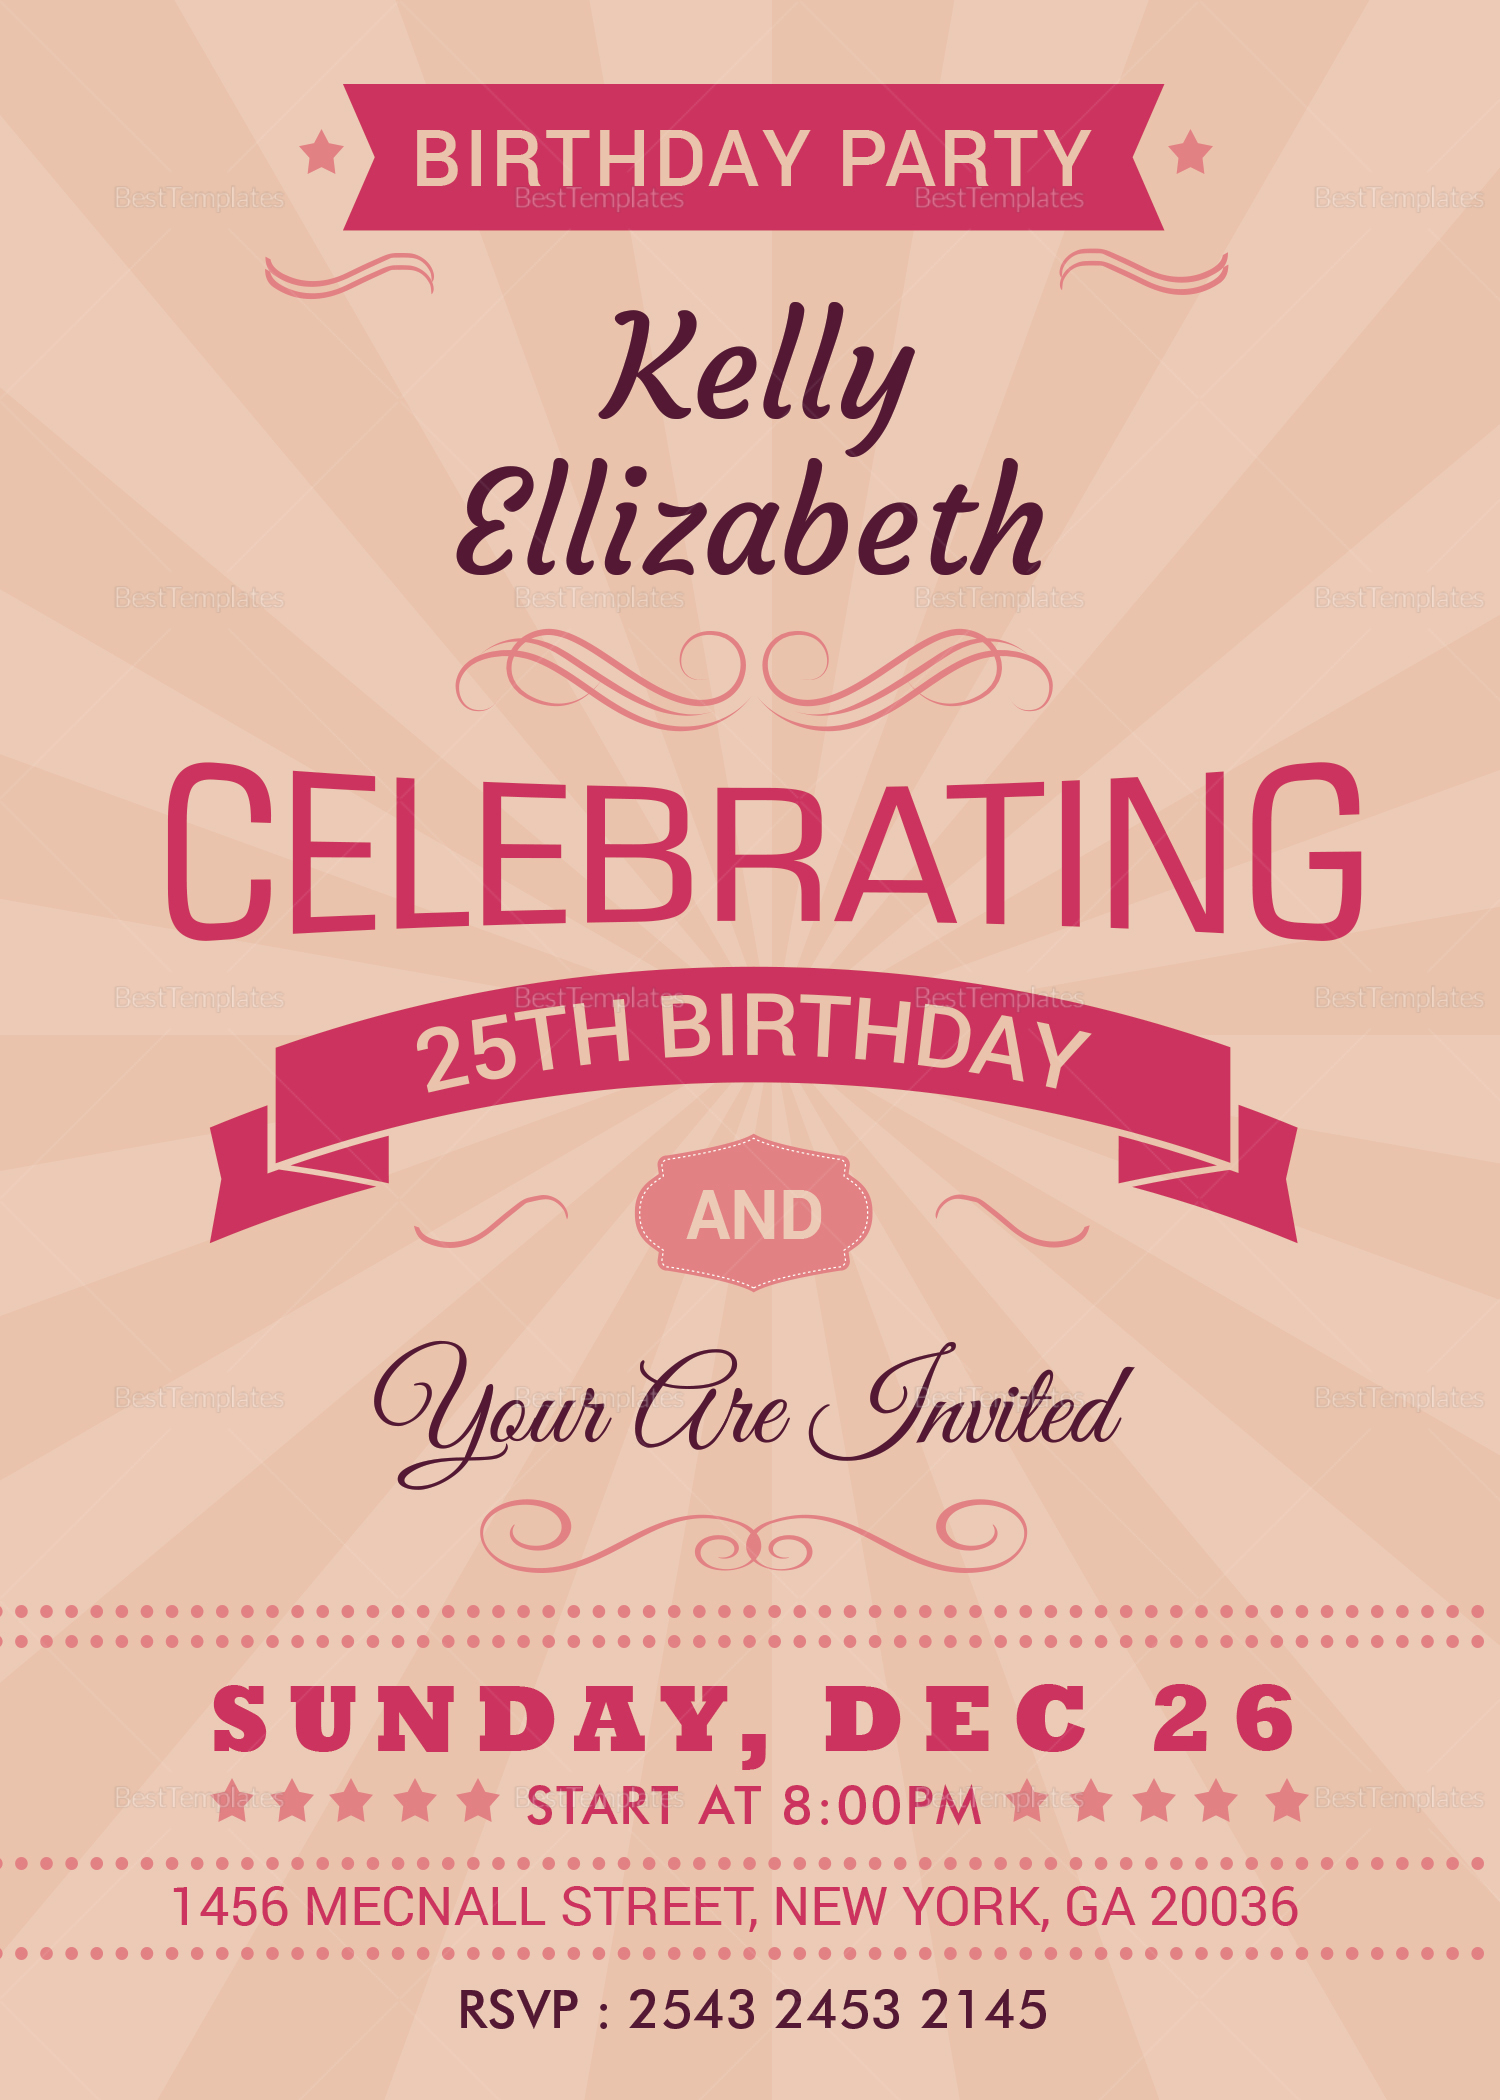 happy retro birthday party invitation card design template